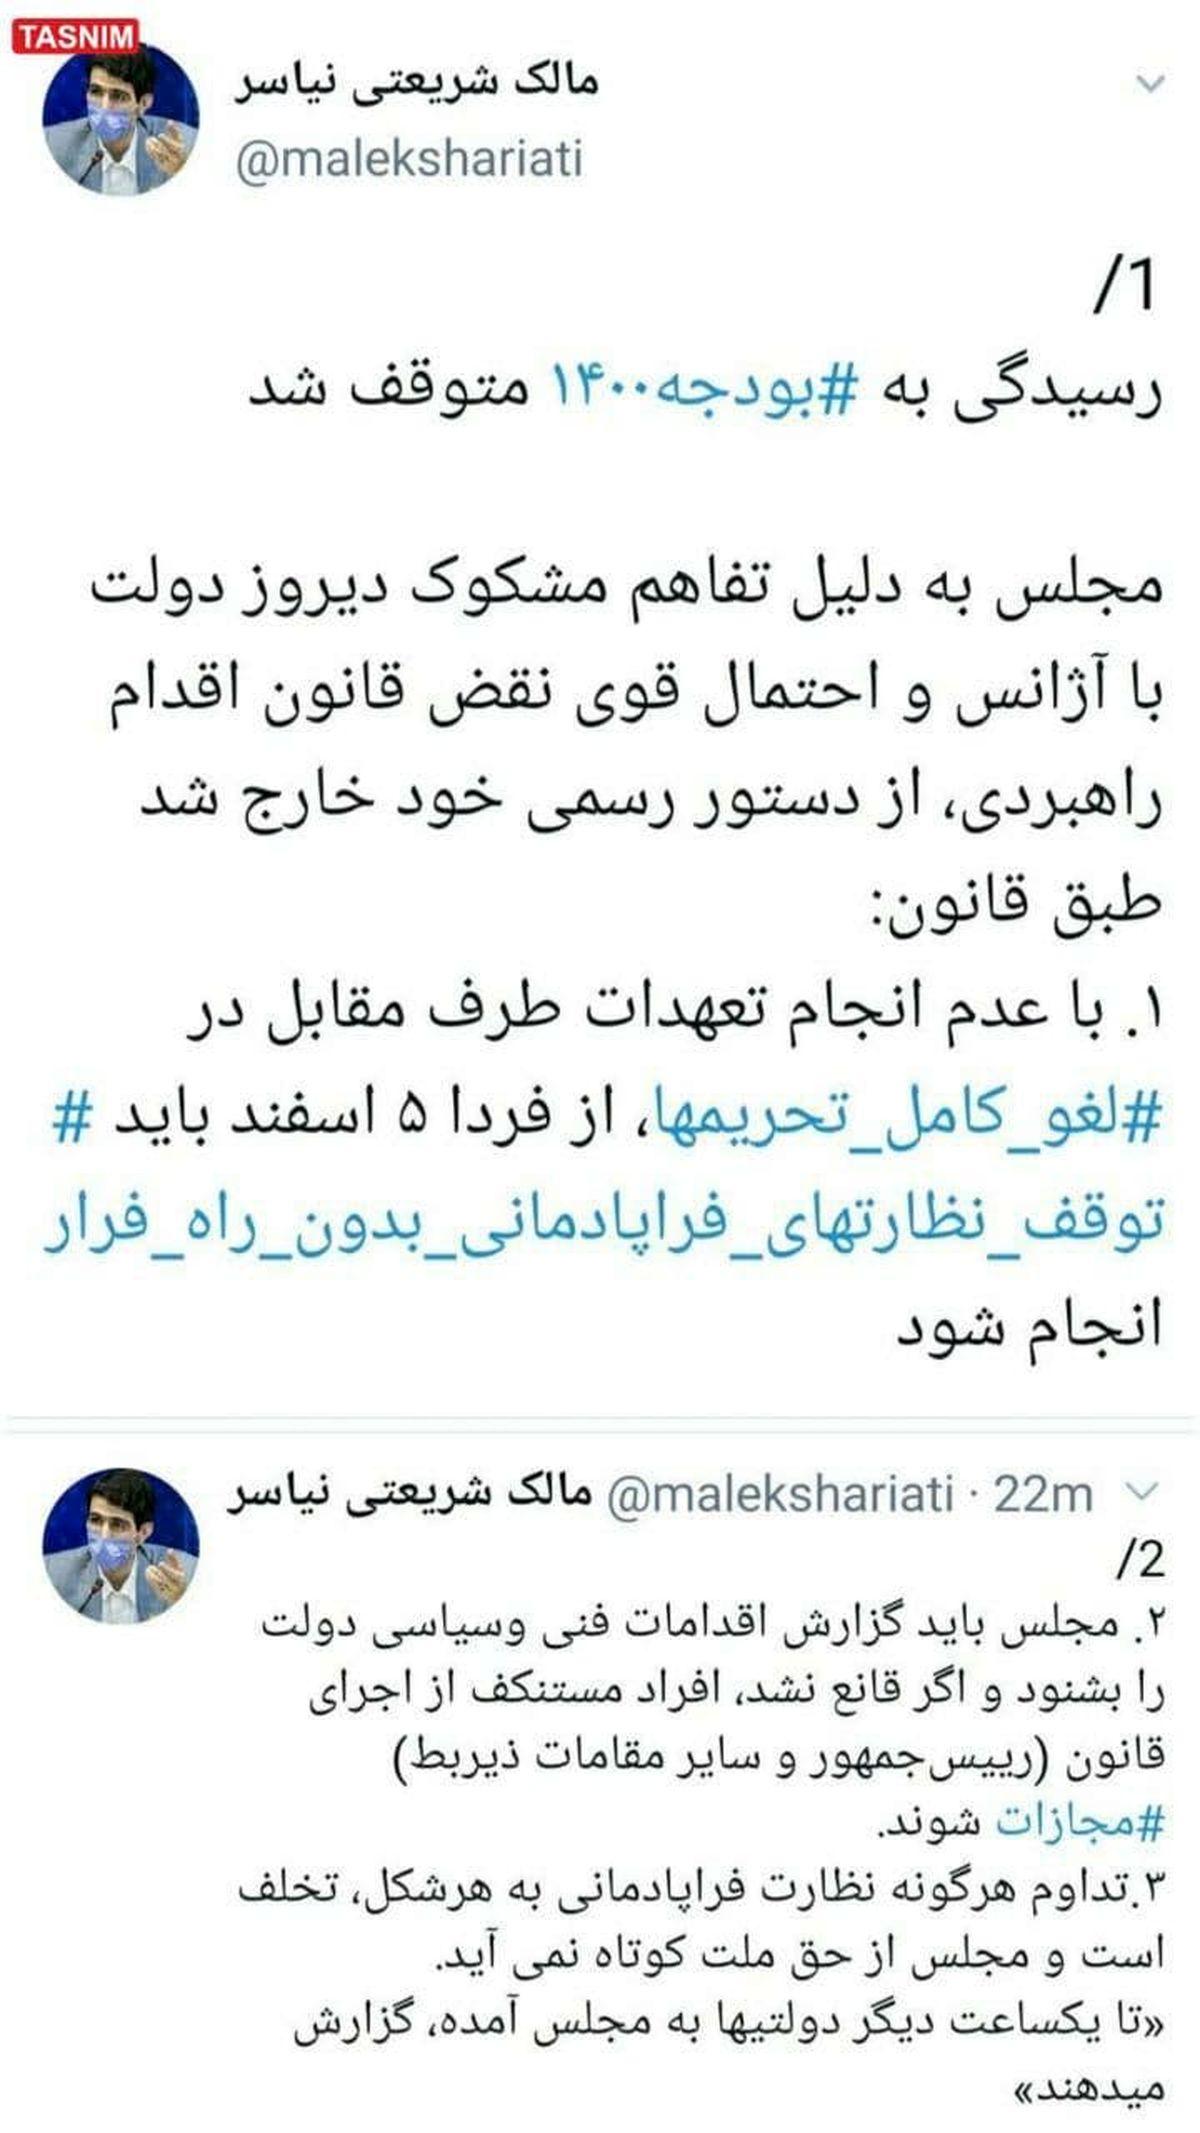 توقف بررسی بودجه به خاطر تفاهم ایران و آژانس/ مجلس گزارش دولتیها را استماع میکند